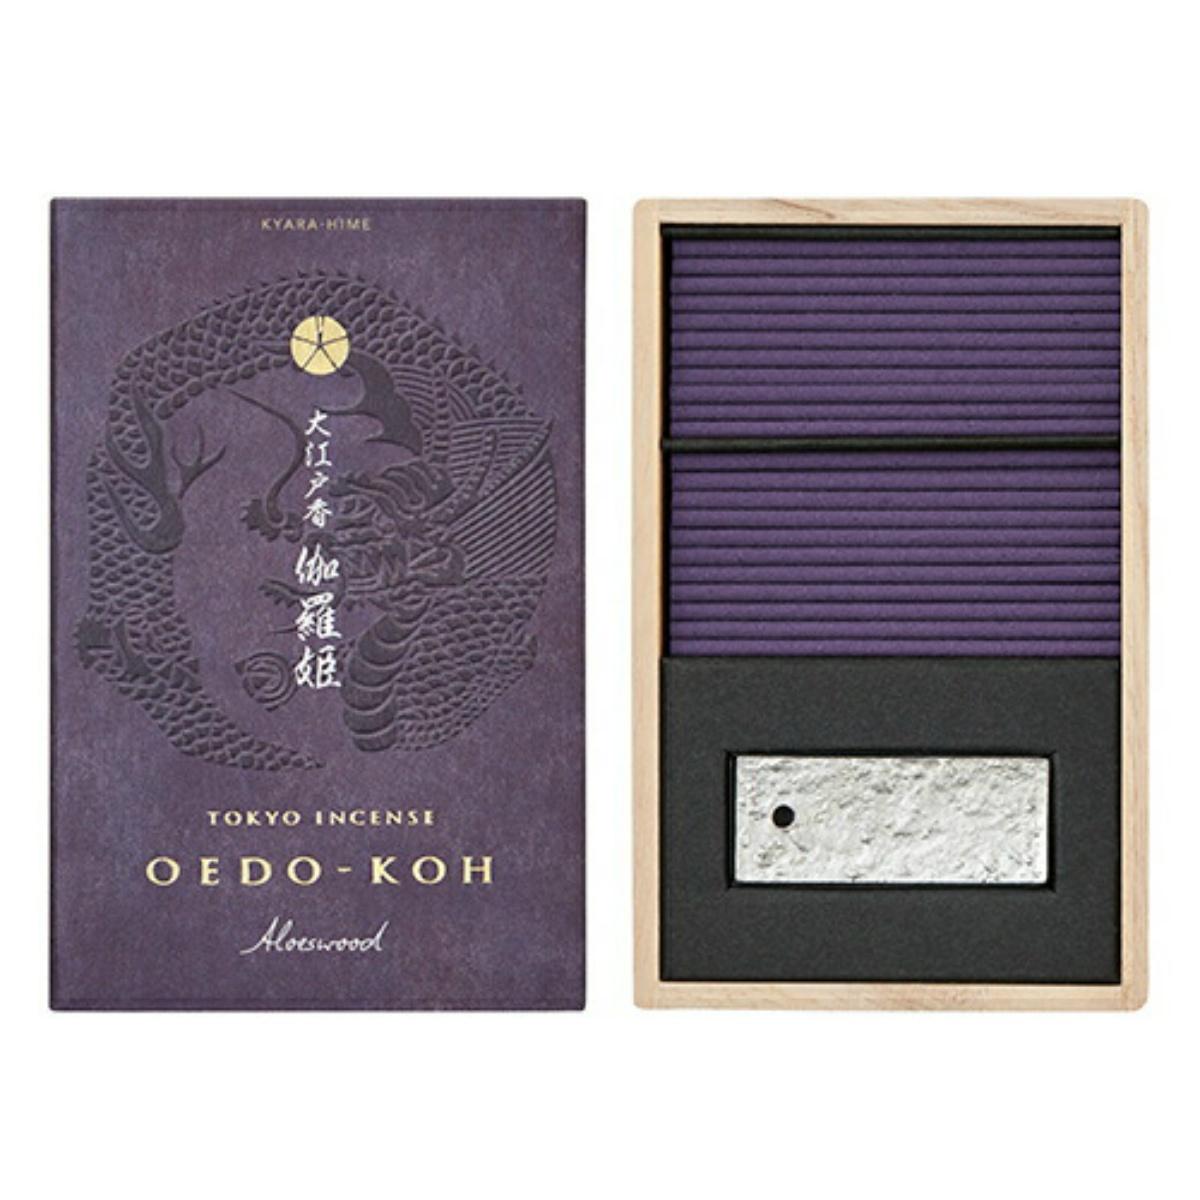 江戸の香りをコンセプトにしたお香です 卓抜 日本香堂 お香 インセンス 大江戸香 海外 伽羅姫 60本入 きゃらひめ